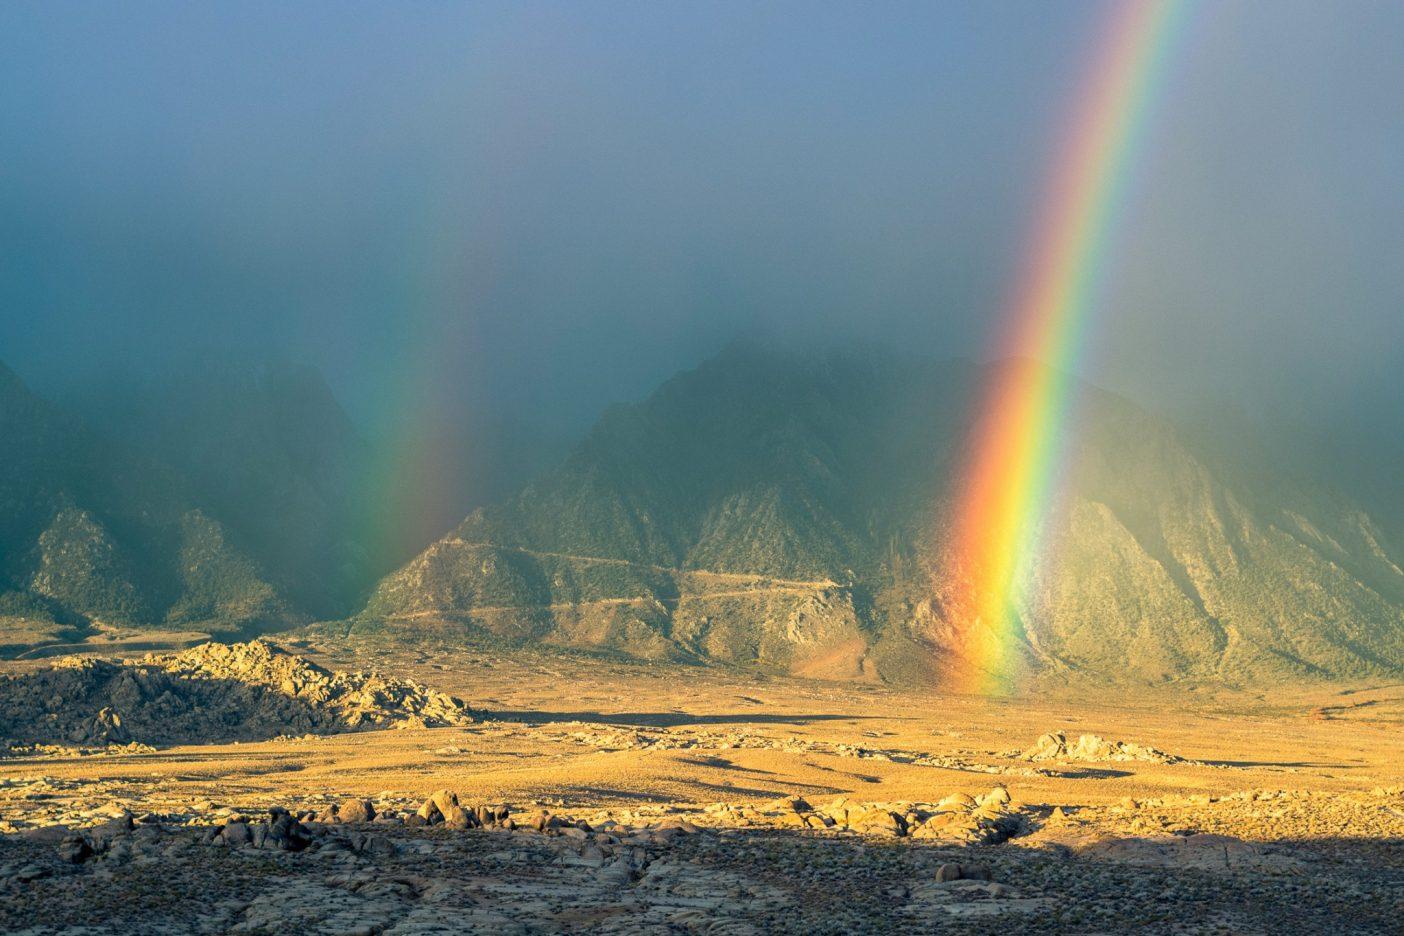 高地砂漠のまれな降雨が、アラバマヒルズの異世界のような風景に、幻想的な光と虹を作る。Photo: Matthew Tufts